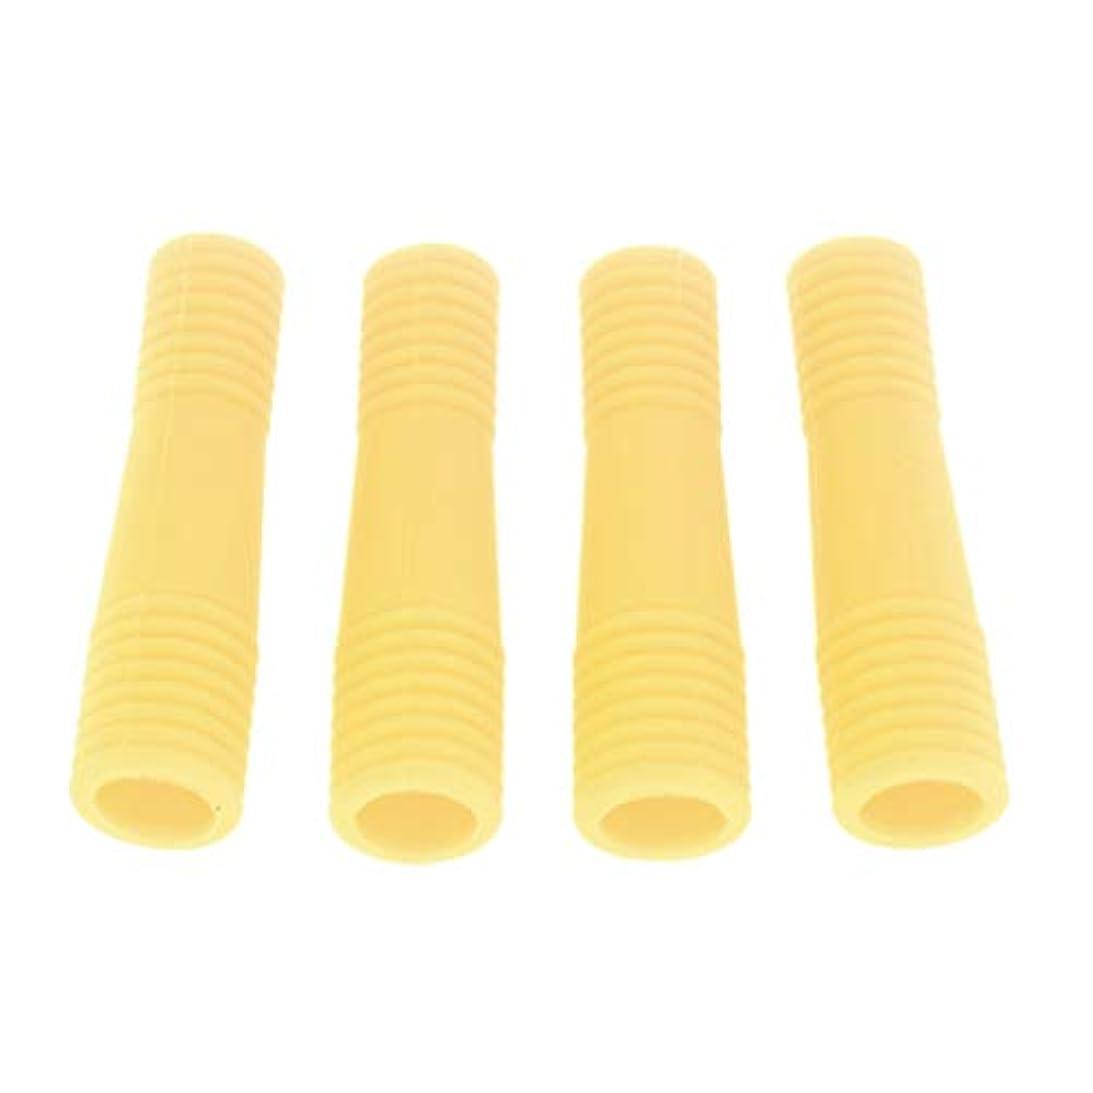 ピカリング遵守する作りCUTICATE キューティクルニッパー保護カバー アクリルネイル用ツール ネイル道具 ケアツール 全5色 - 黄